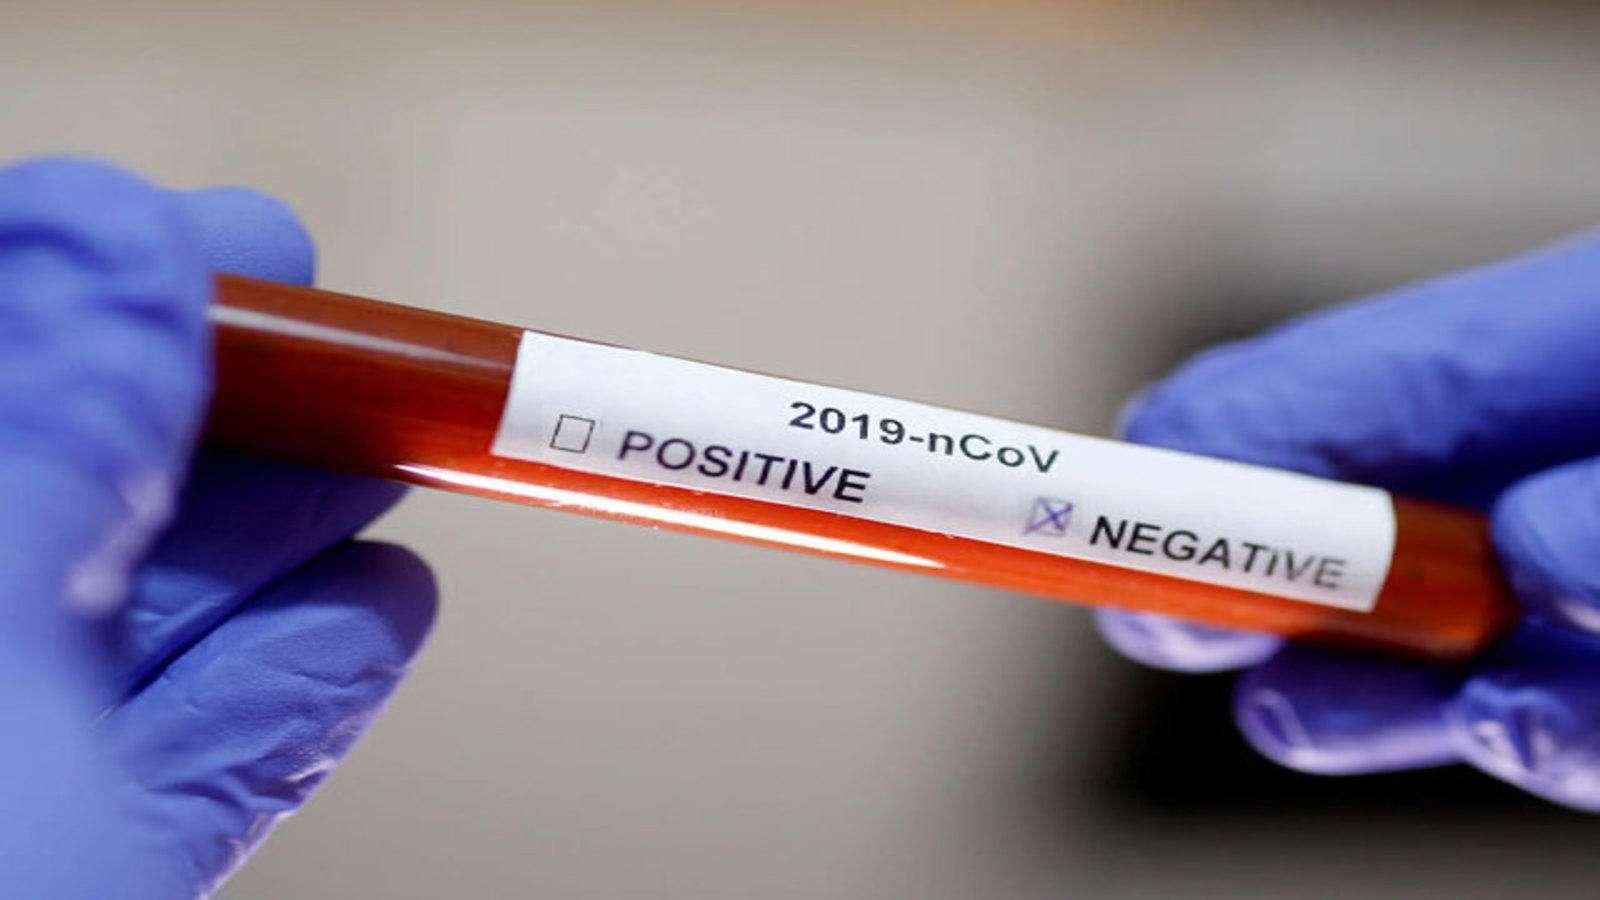 За результатами лабораторних досліджень у військового пенсіонера коронавірус не виявлено